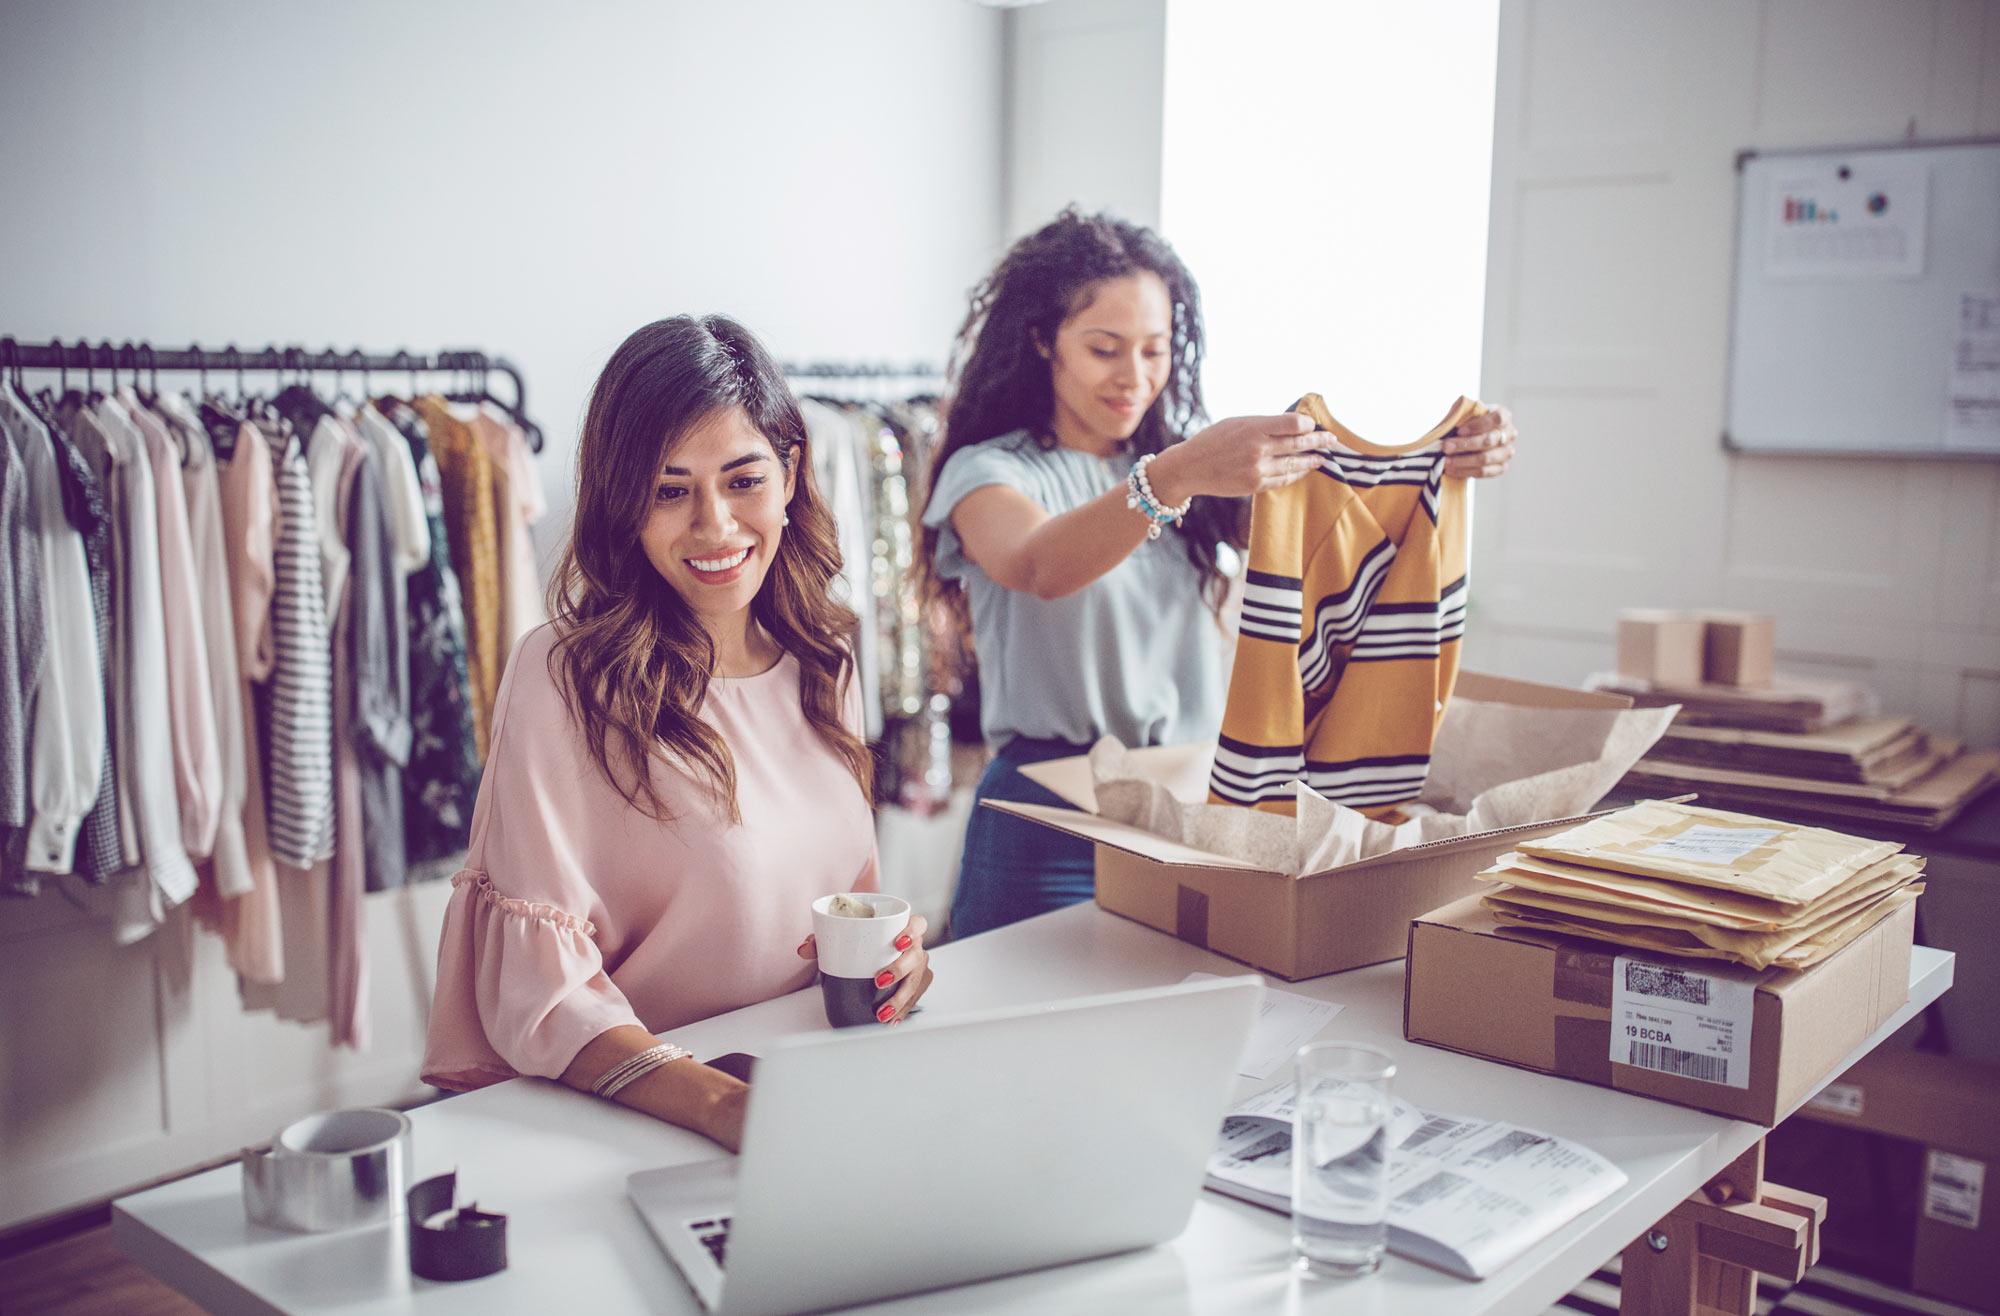 Kleidung leihen wird Trend: Wir haben 4 Online-Anbieter getestet | desired.de